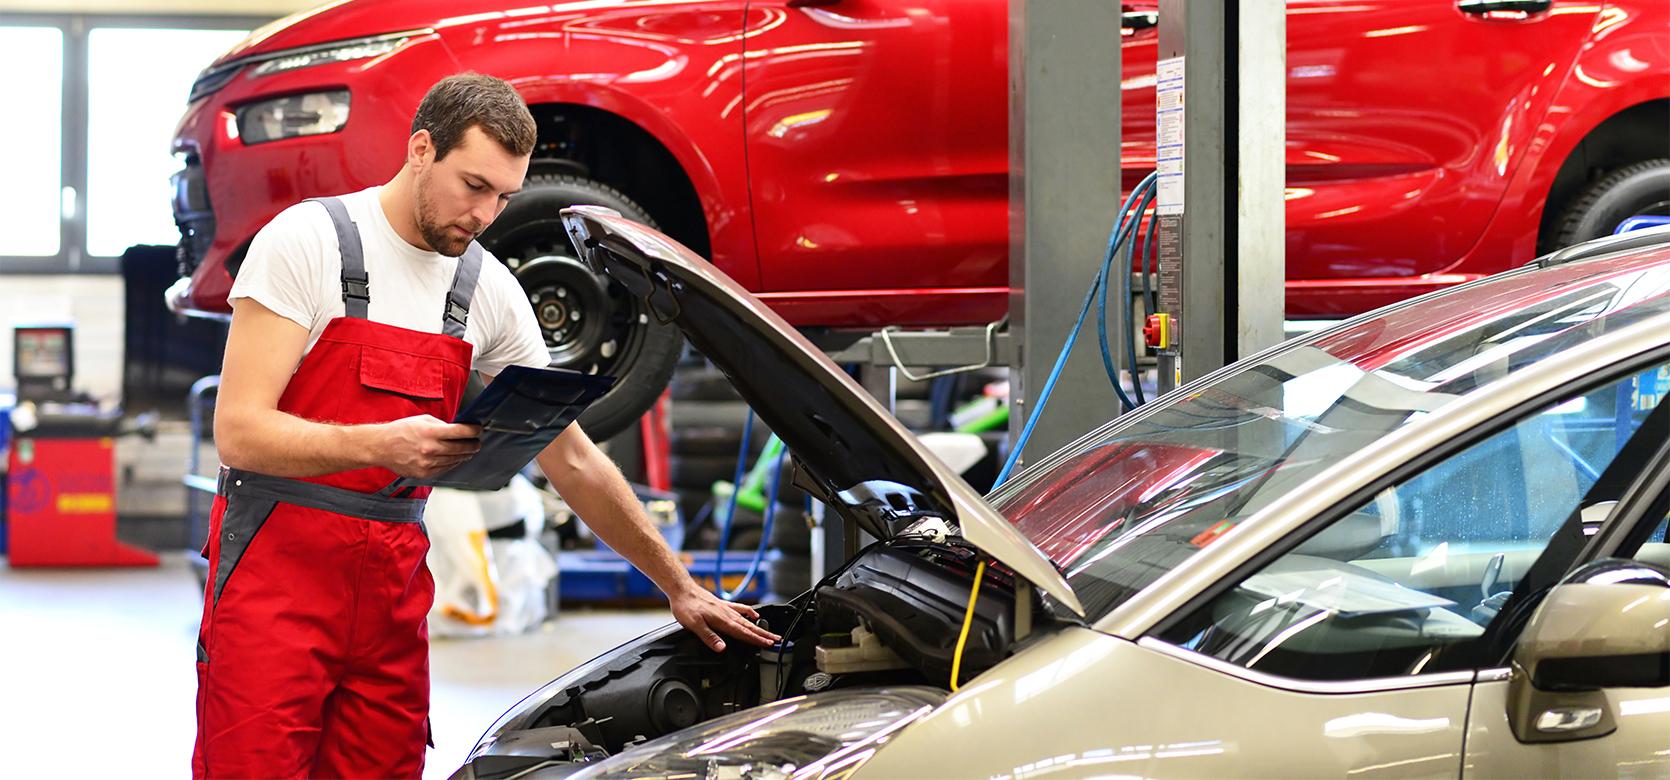 birkin-car-servicing